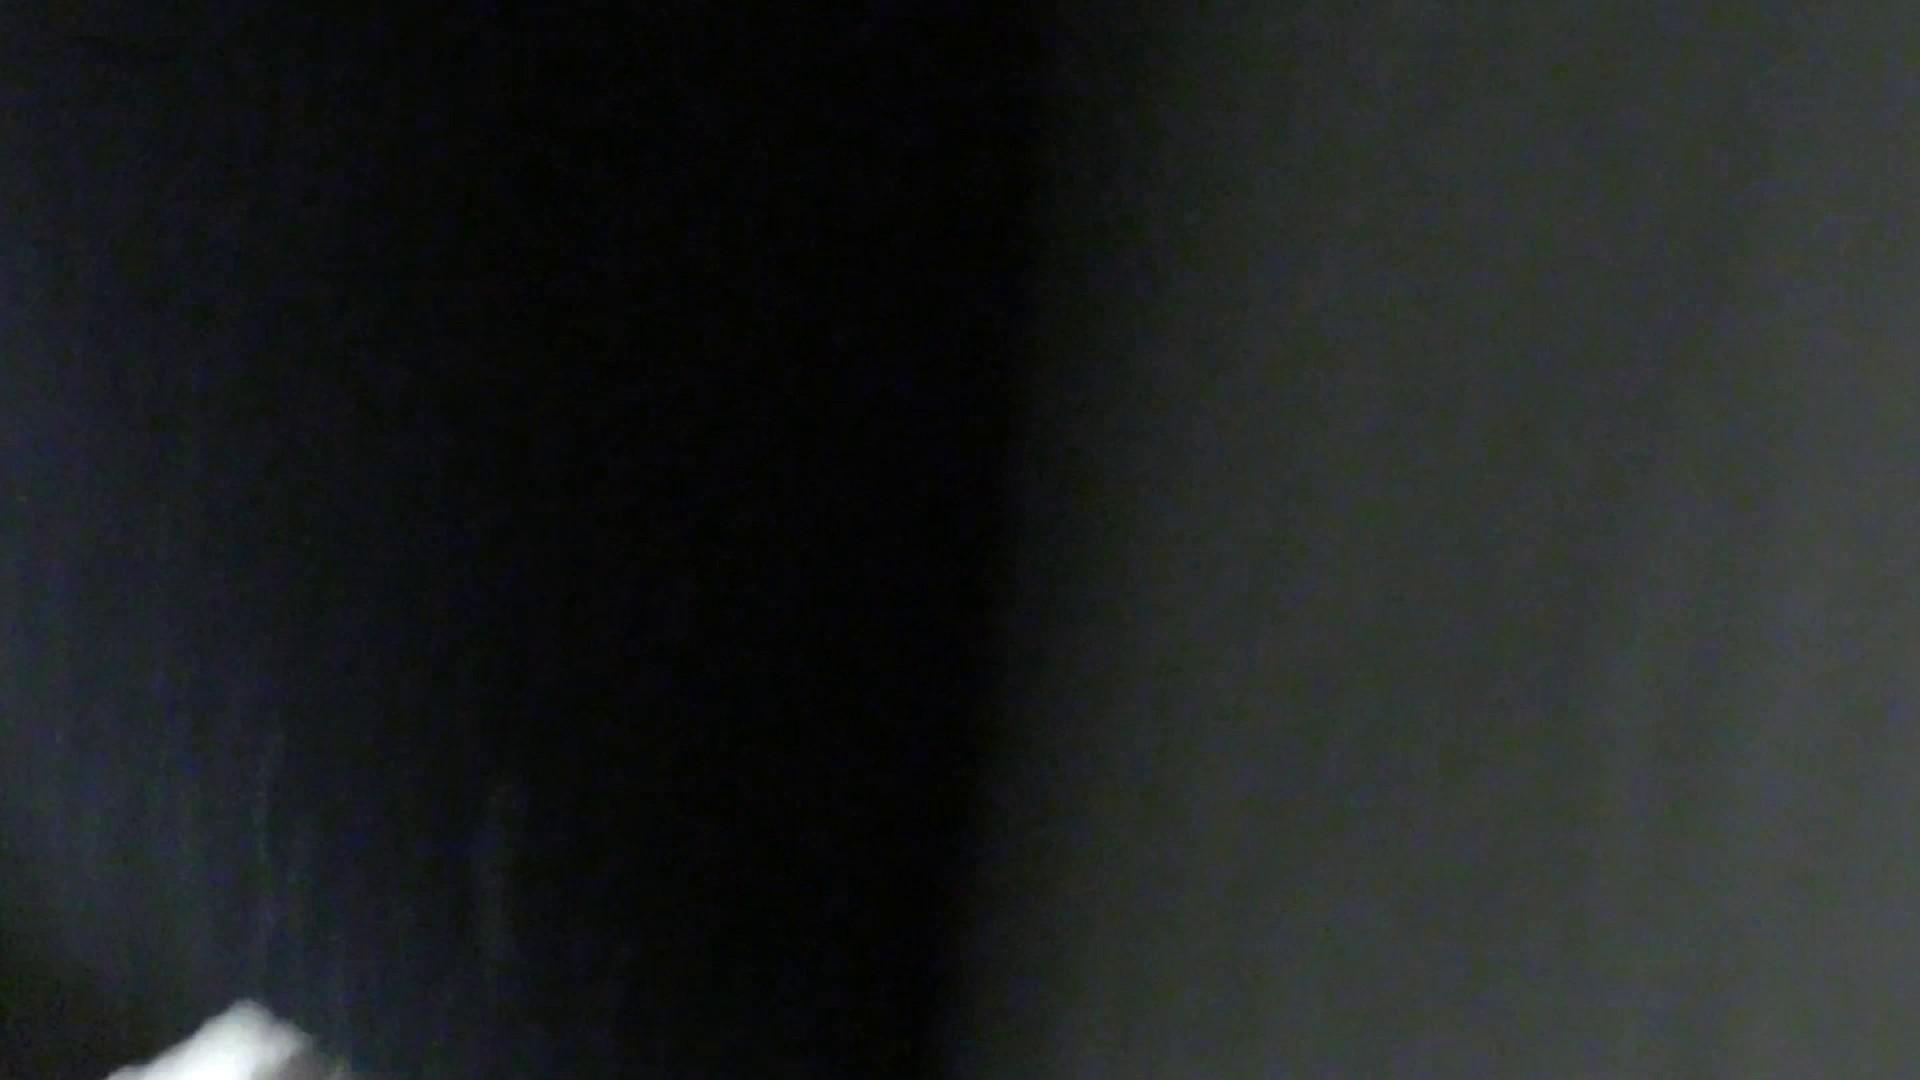 ▲2017_23位▲ 悪戯ネットカフェ Vol16 後篇 2連発!!中と顔に。 盗撮映像大放出 | エッチすぎるOL達  82連発 31